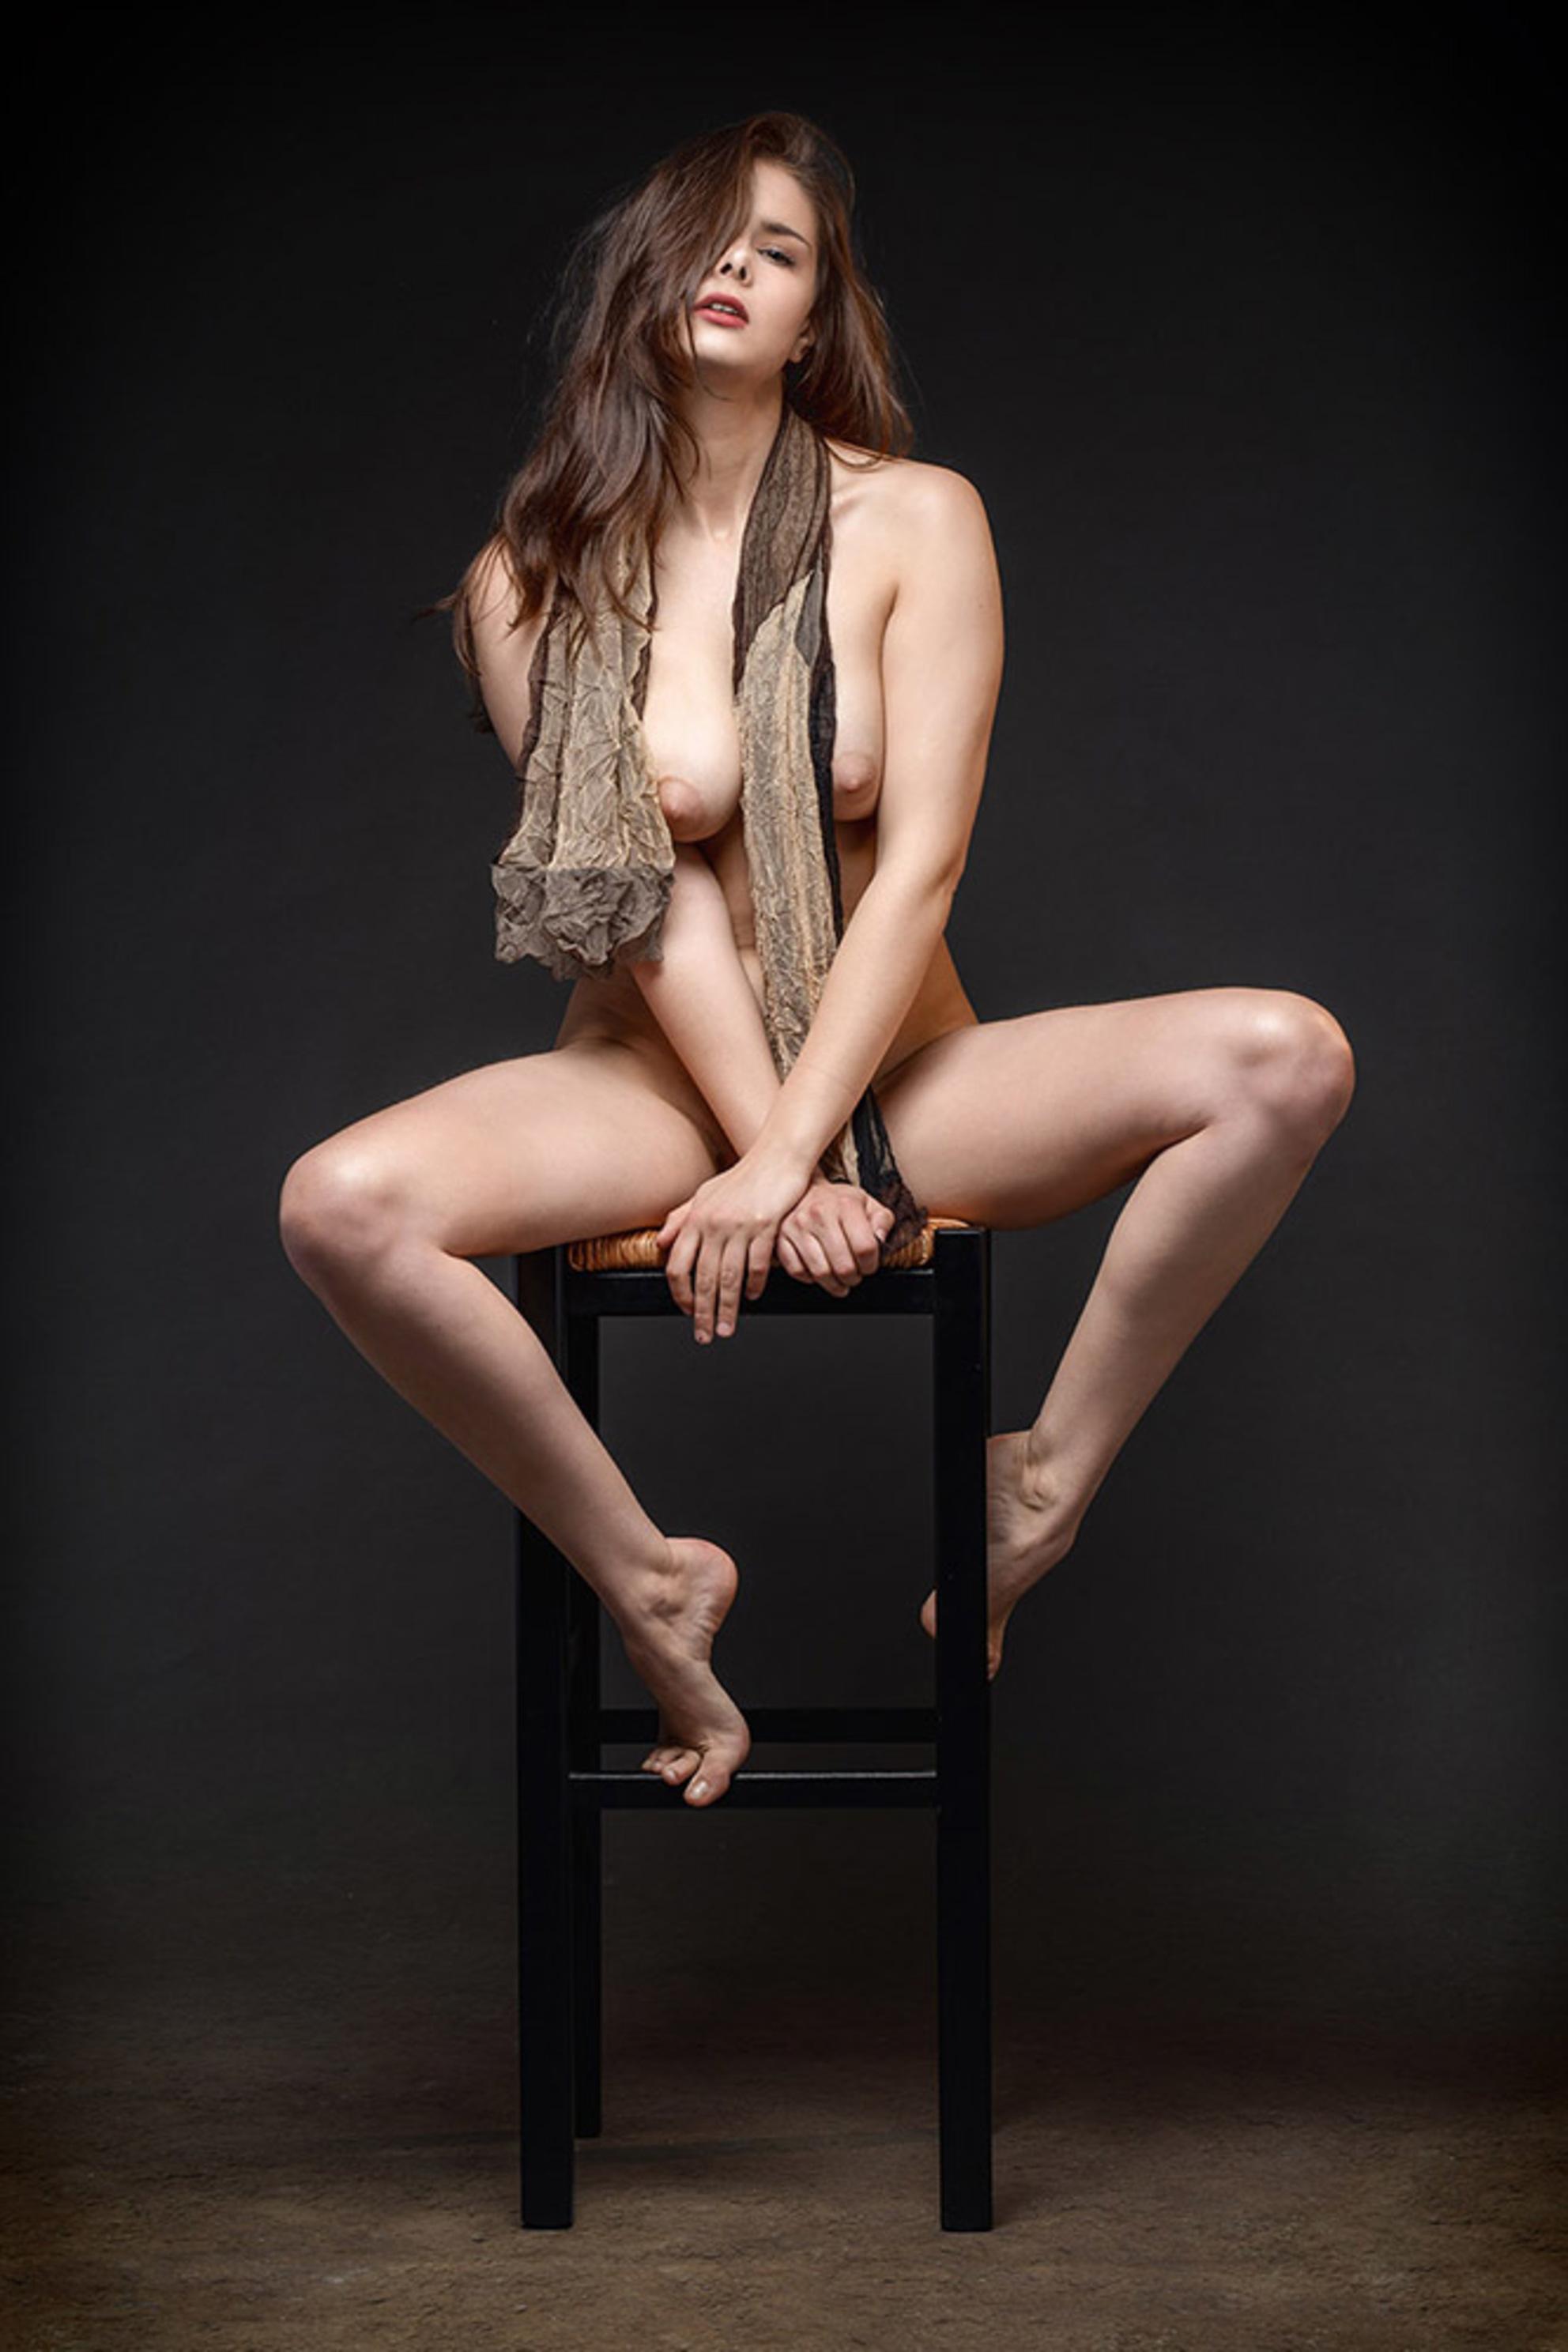 Lois - - - foto door jhslotboom op 01-07-2019 - deze foto bevat: vrouw, portret, model, erotiek, beauty, naakt, pose, studio, schoonheid, lois, klassiek, doek, artistiek, kruk, sjaal